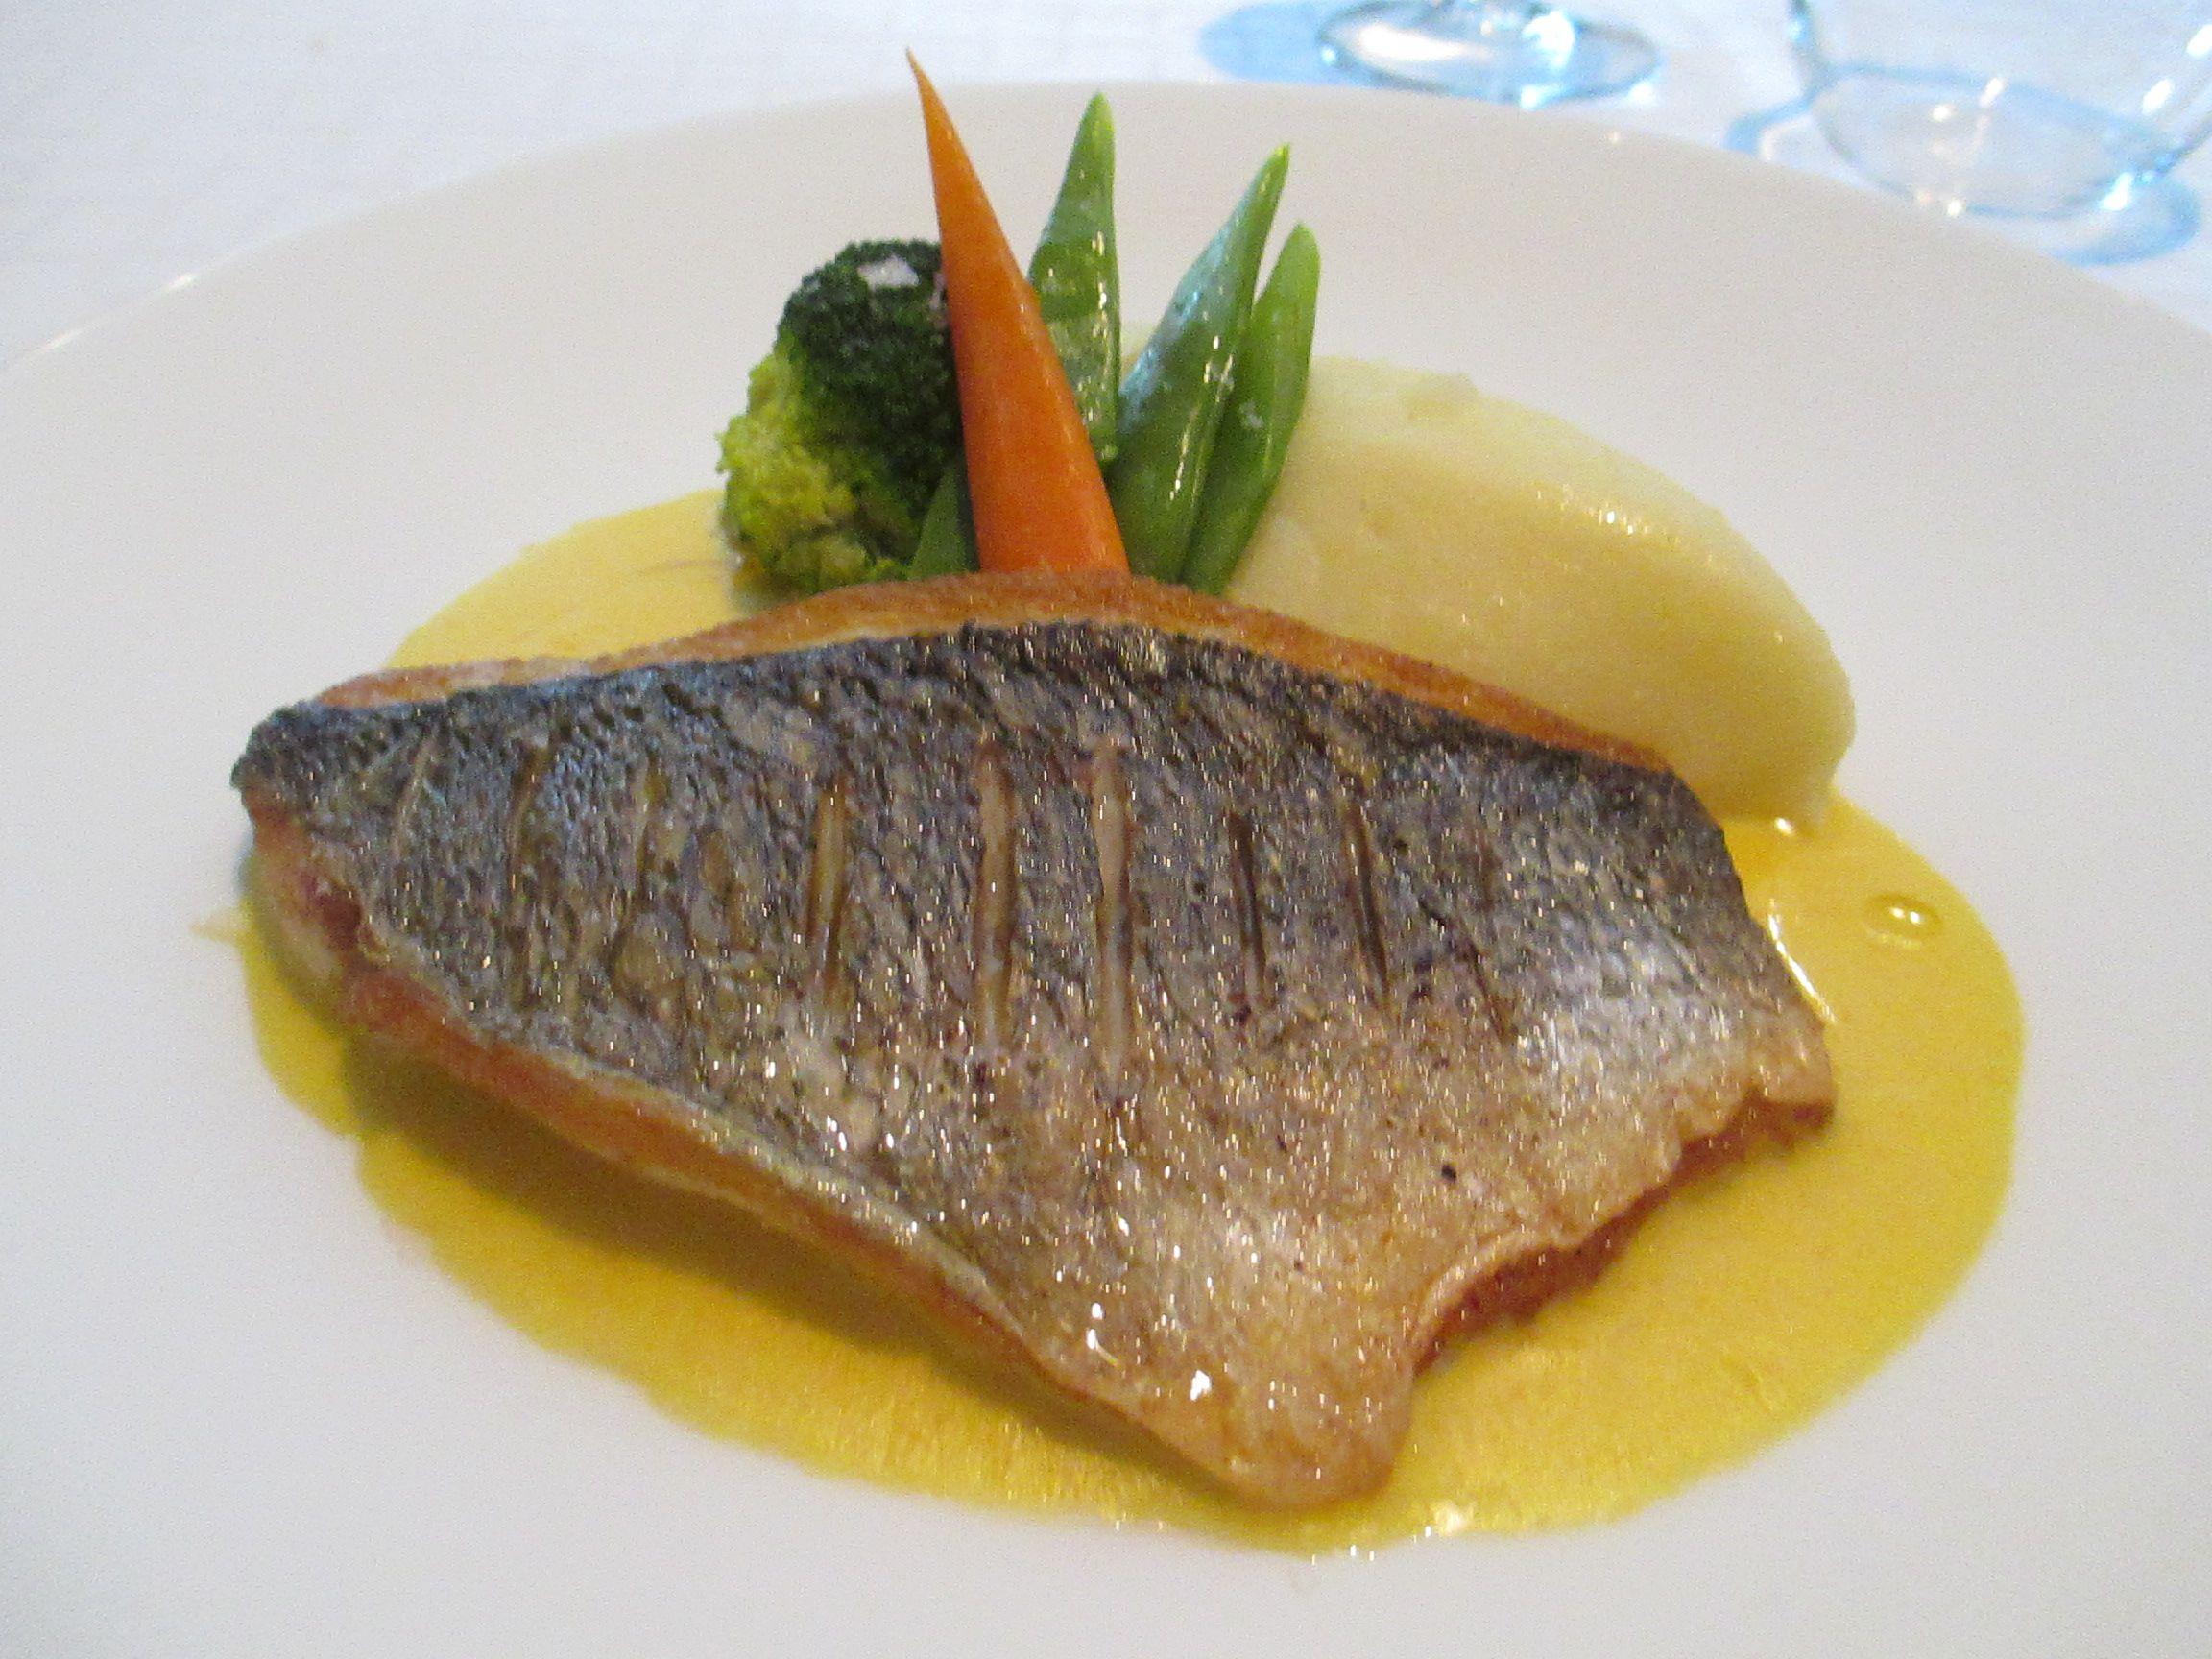 La Table, Altea: Fish with saffron sauce